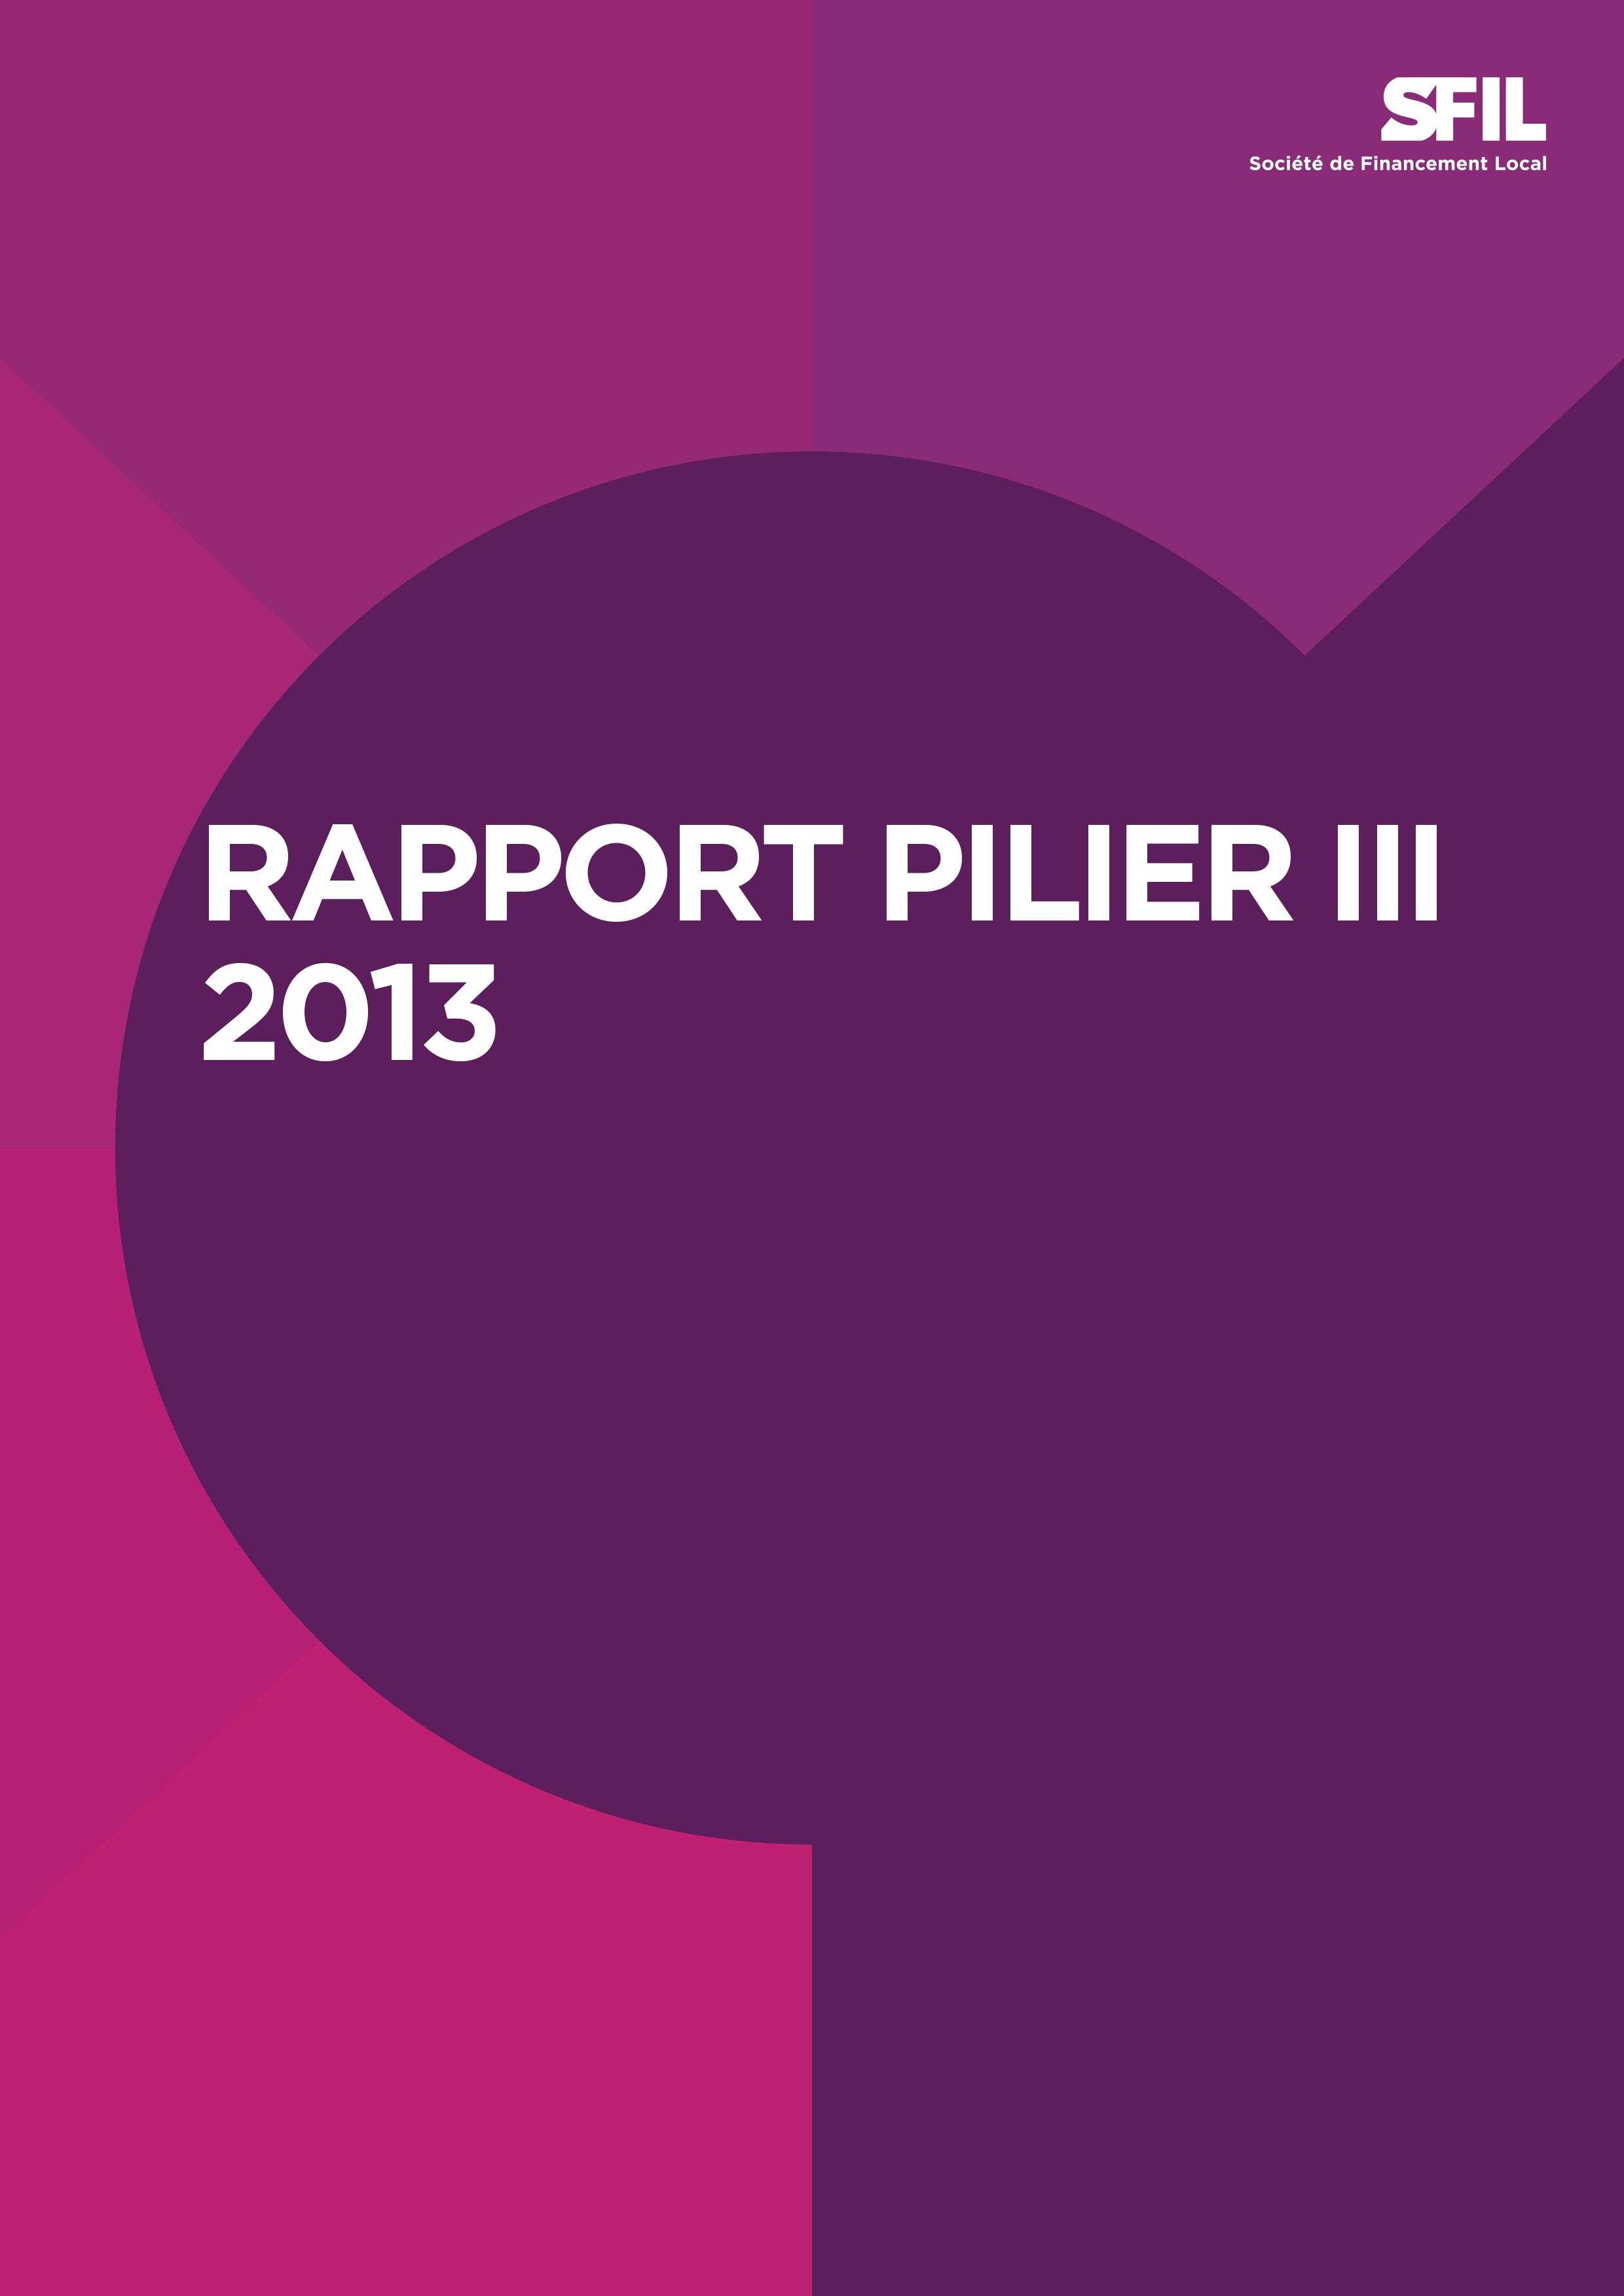 Sfil's Pillar 3 report